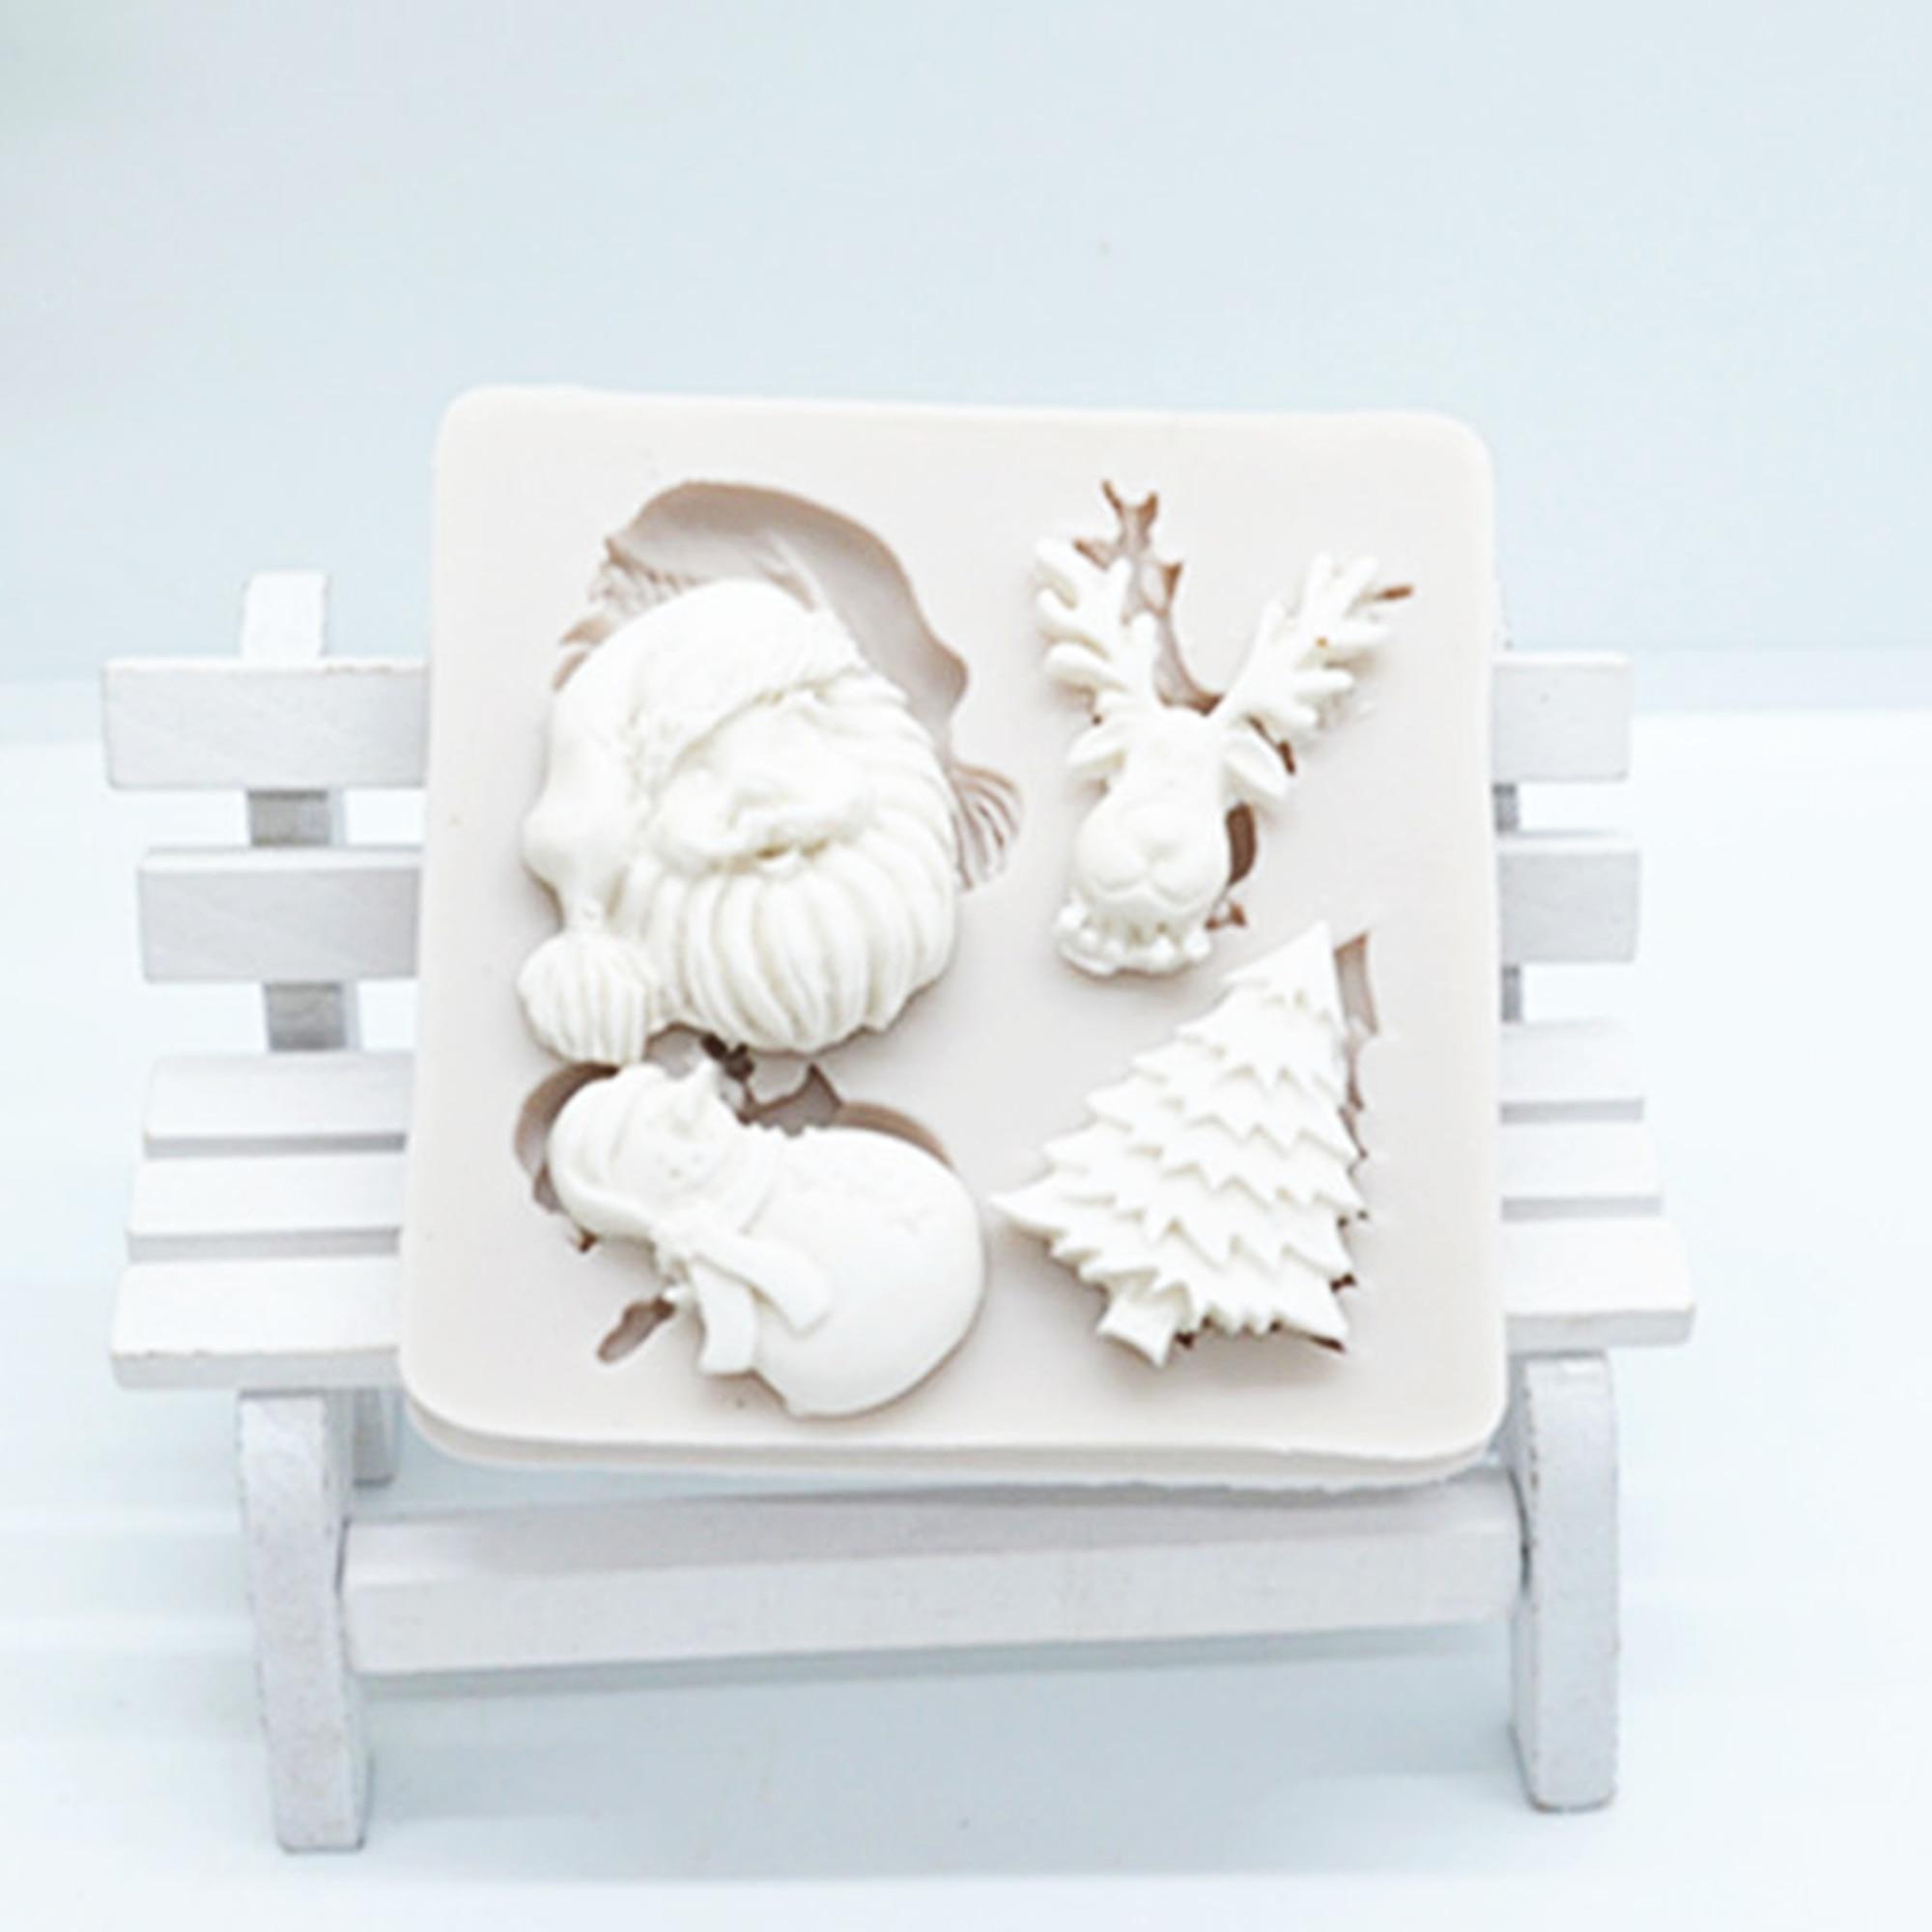 Luyou Санта-Клаус, снег, носки, инструменты для торта силиконовые резиновые формы кухня Выпечка DIY аксессуары, инструменты для украшения торта ...